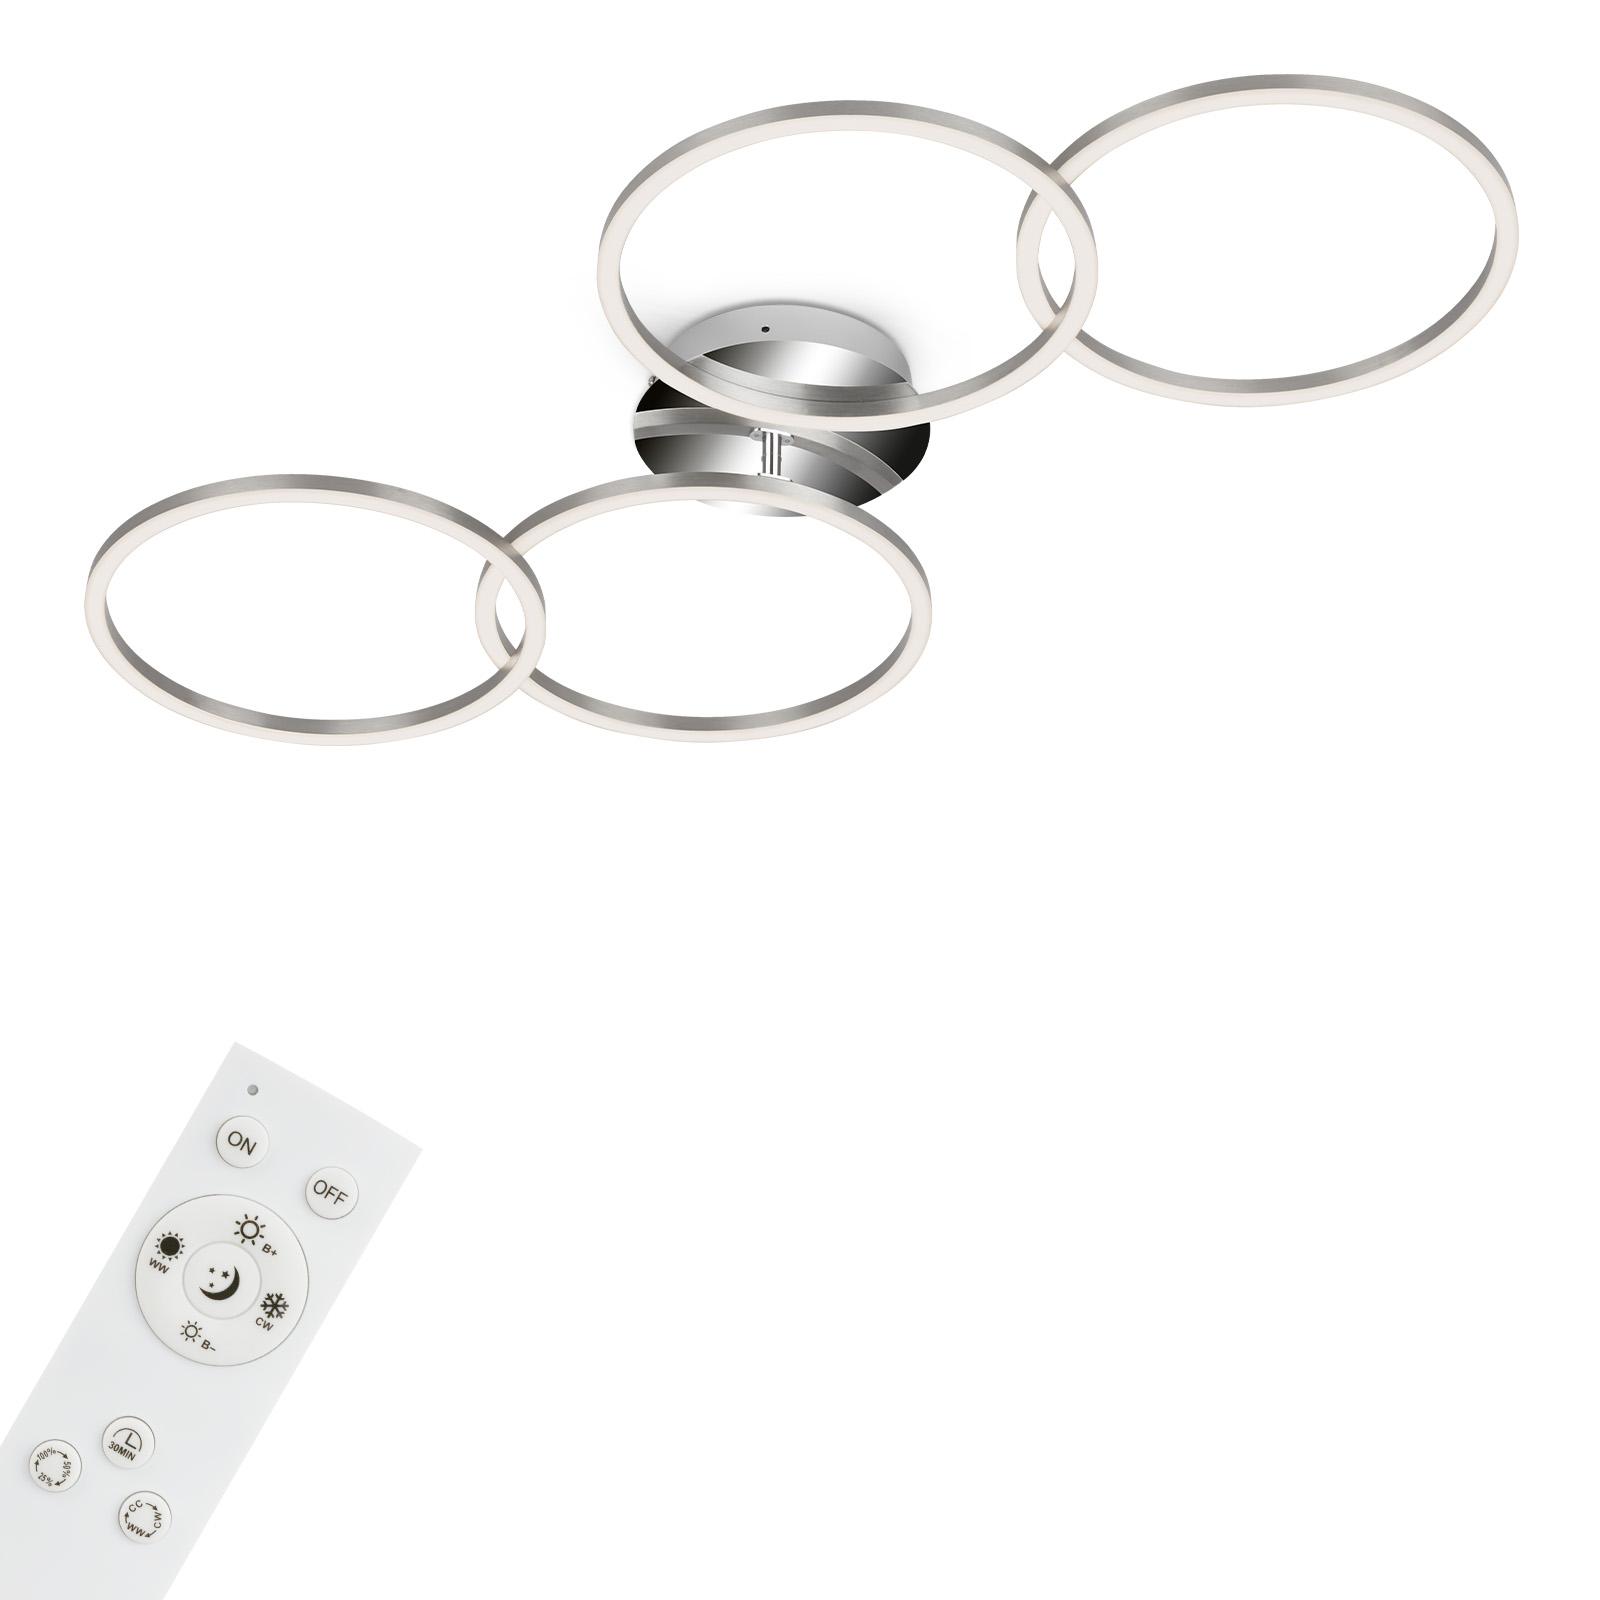 CCT LED Deckenleuchte, 95,8 cm, 30 W, Alu-Chrom